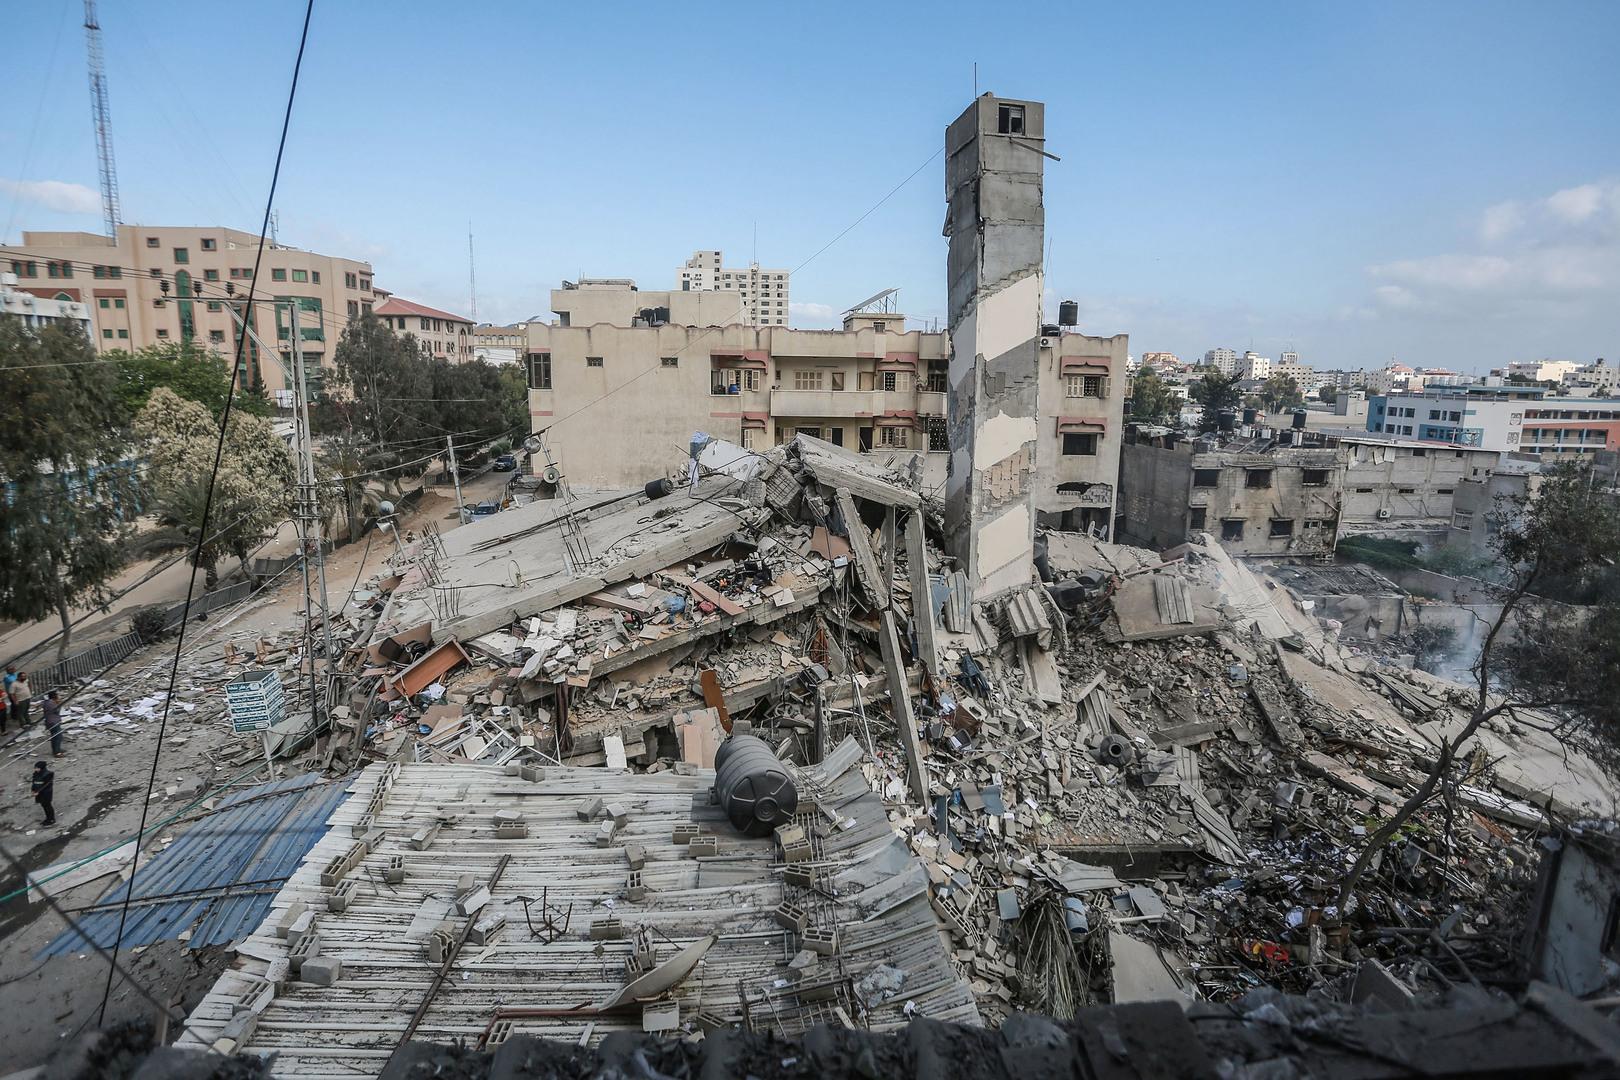 صحيفة: إسرائيل تتراجع عن شرط إعادة تأهيل قطاع غزة مقابل إنهاء قضية الأسرى والمفقودين الإسرائيليين